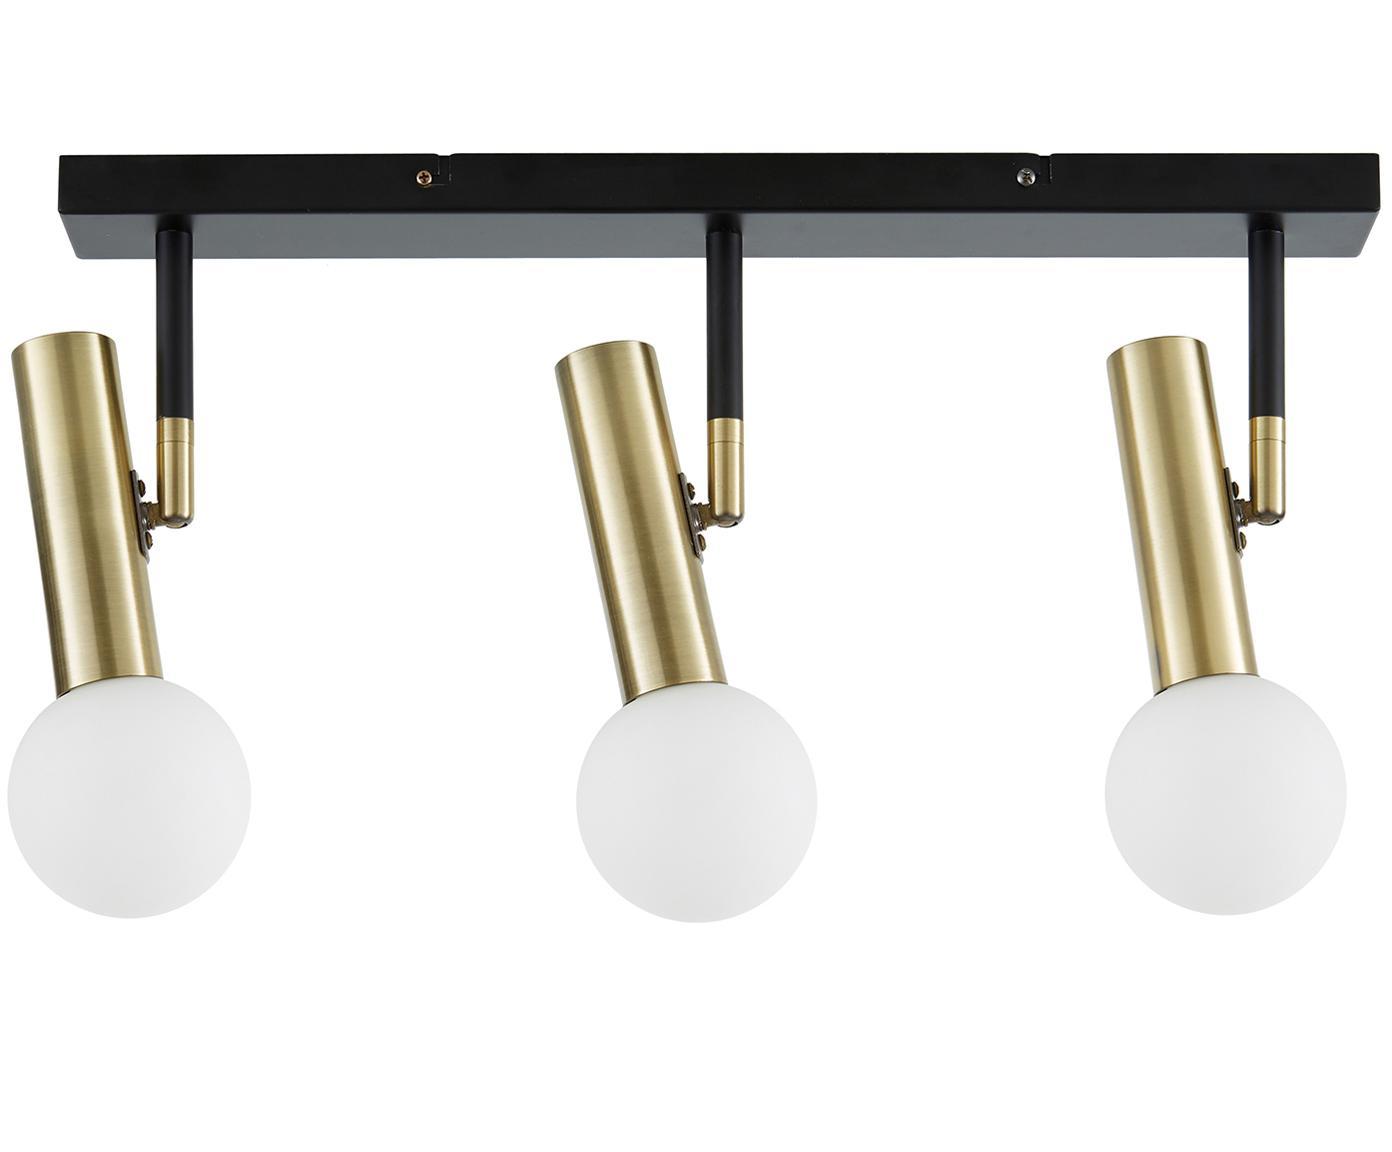 Lampa sufitowa LED z regulacją wysokości Wilson, Osłona mocowania sufitowego: czarny, matowy Oprawy: odcienie mosiądzu Klosz: bia, S 65 x W 31 cm